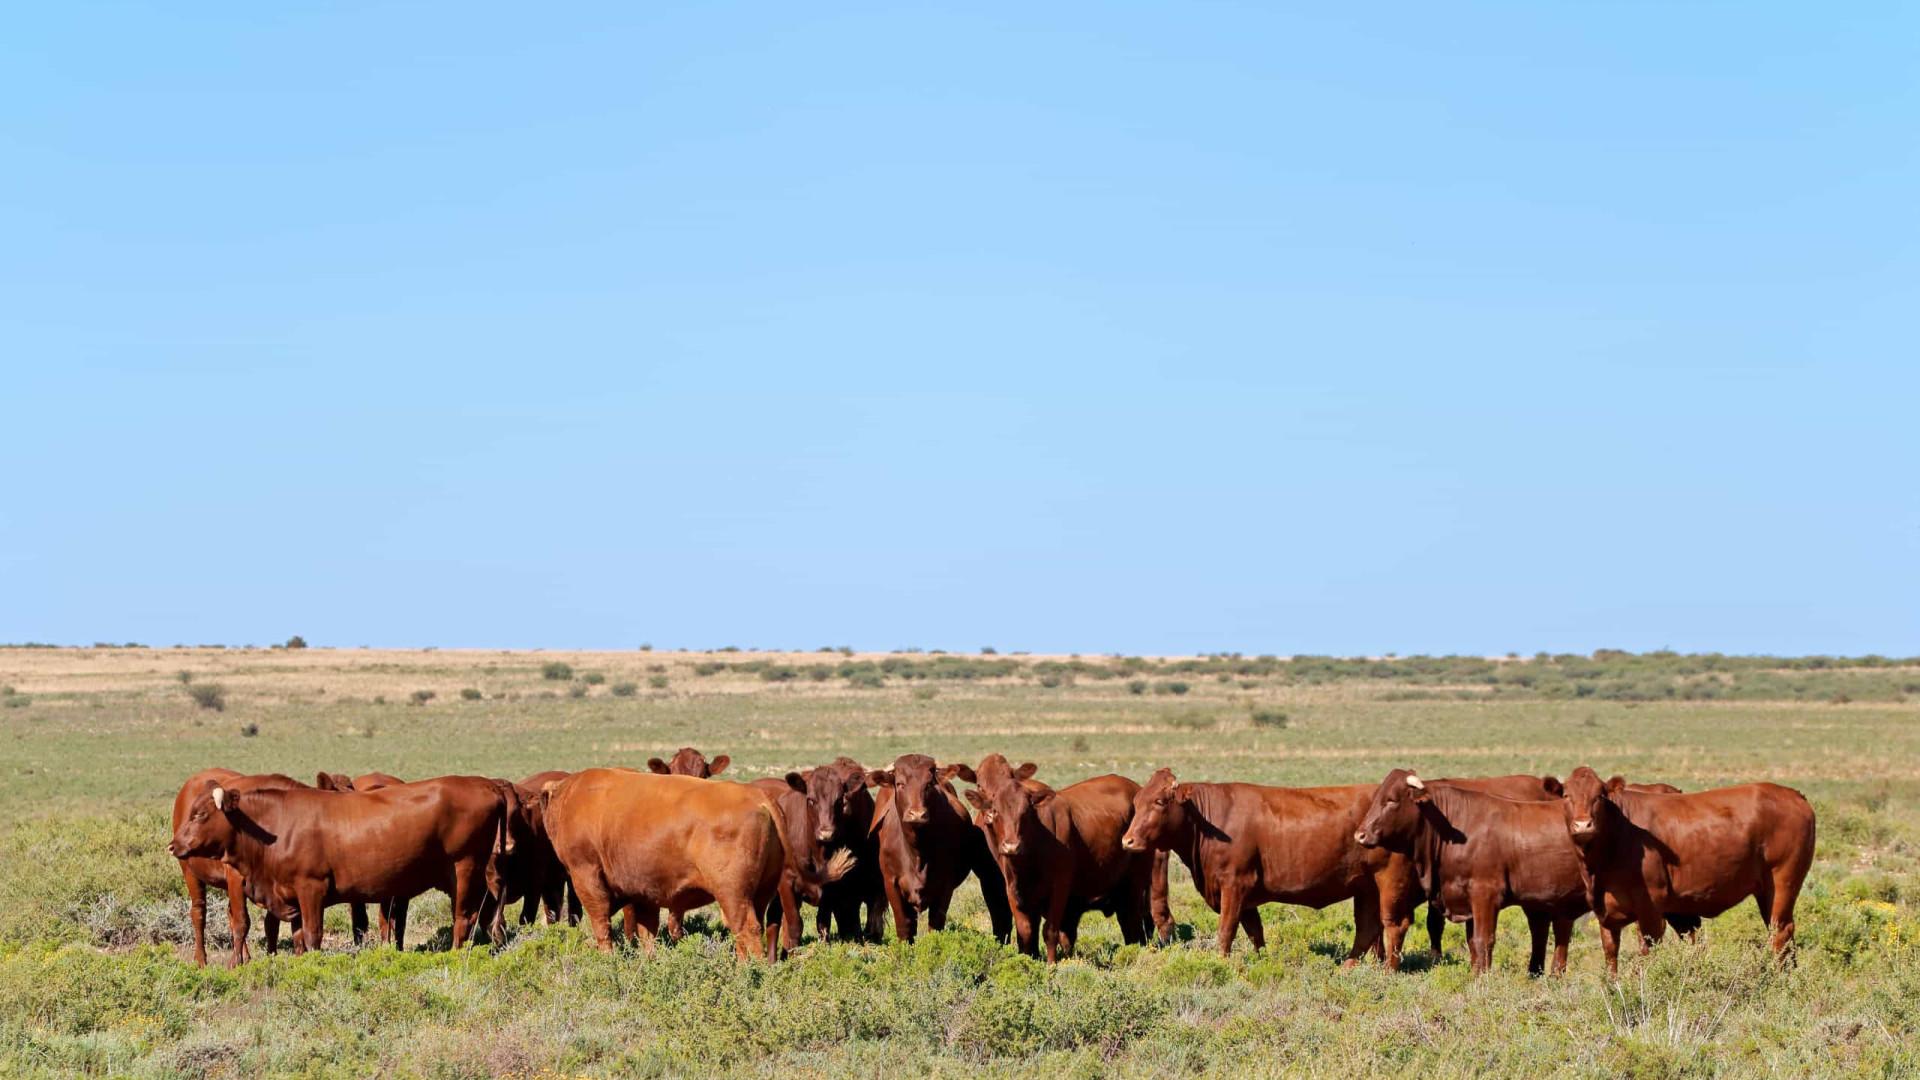 Brasil e Alemanha firmam acordo para apoiar agropecuária sustentável